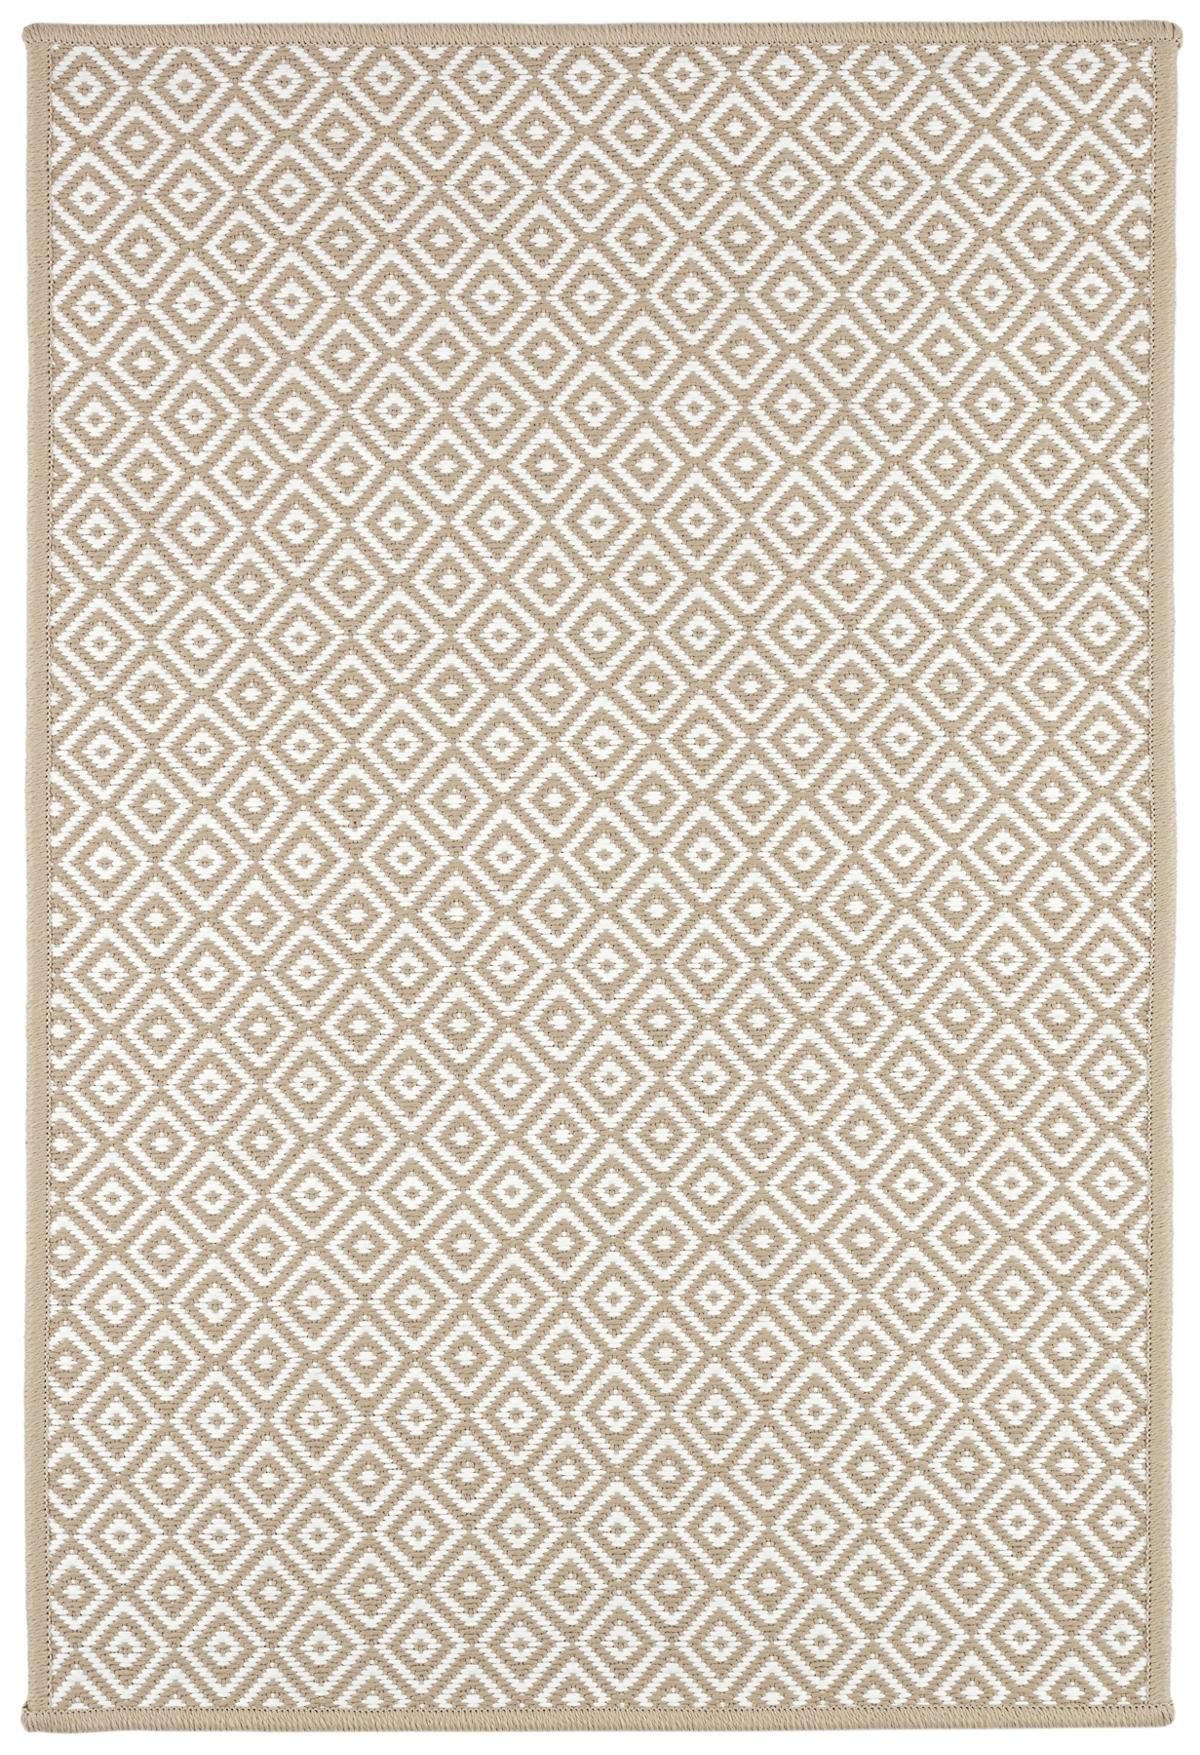 Marshall Wheat Indoor/Outdoor Custom Rug